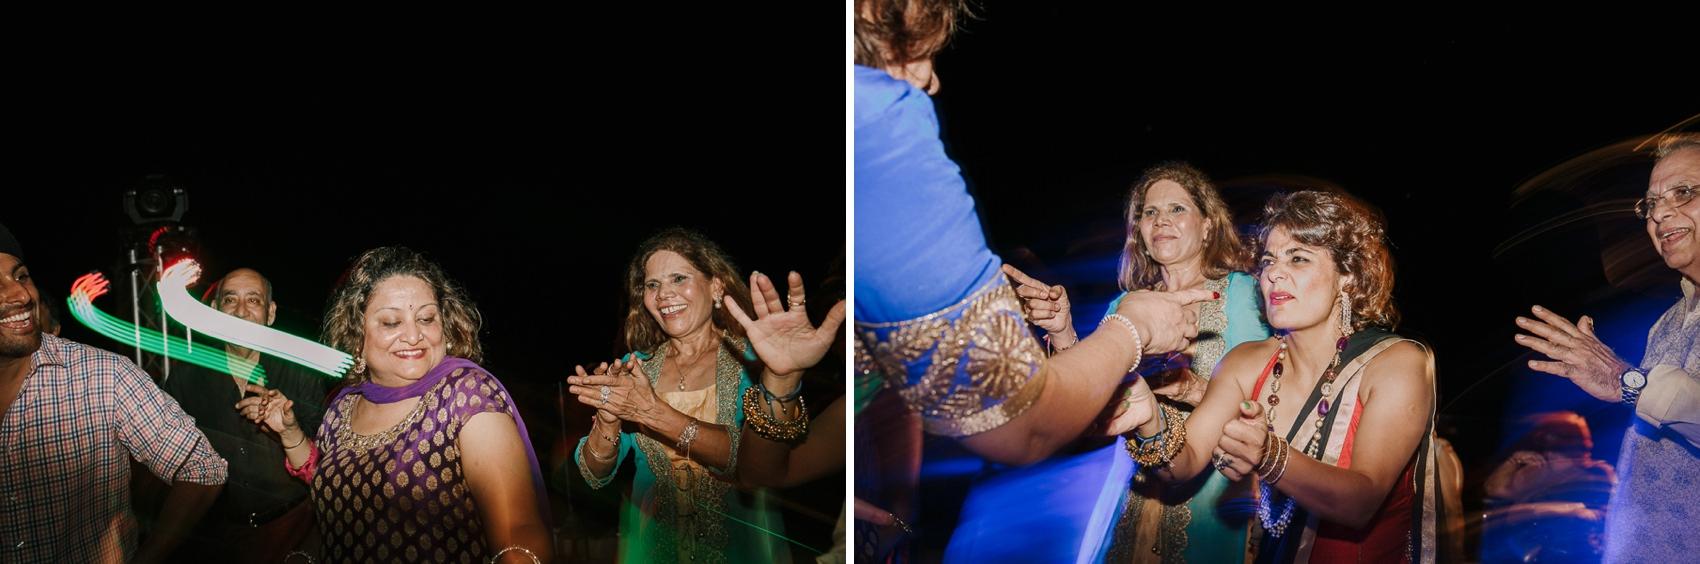 Indian-Wedding-Photography-Maala-Rohan_0061